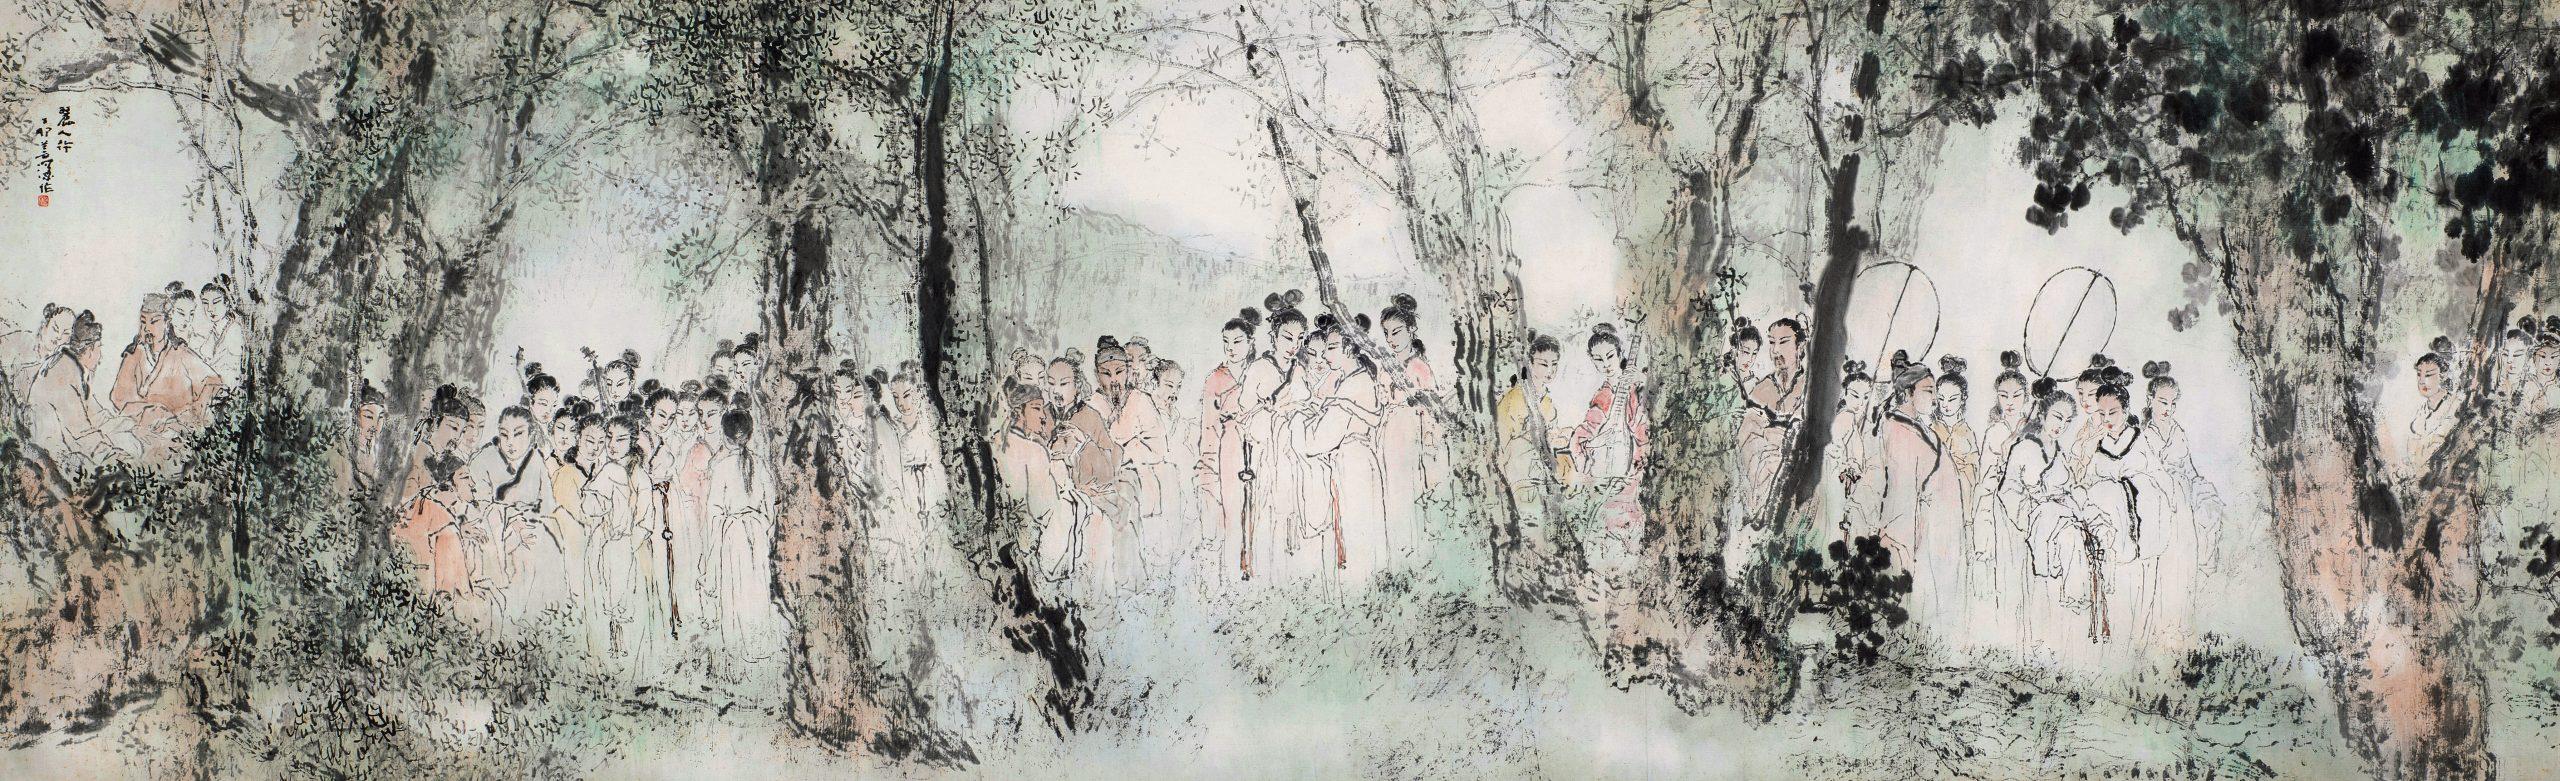 Une procession de belles personnes, 1987, encre et couleur sur papier, Yang Shanshen